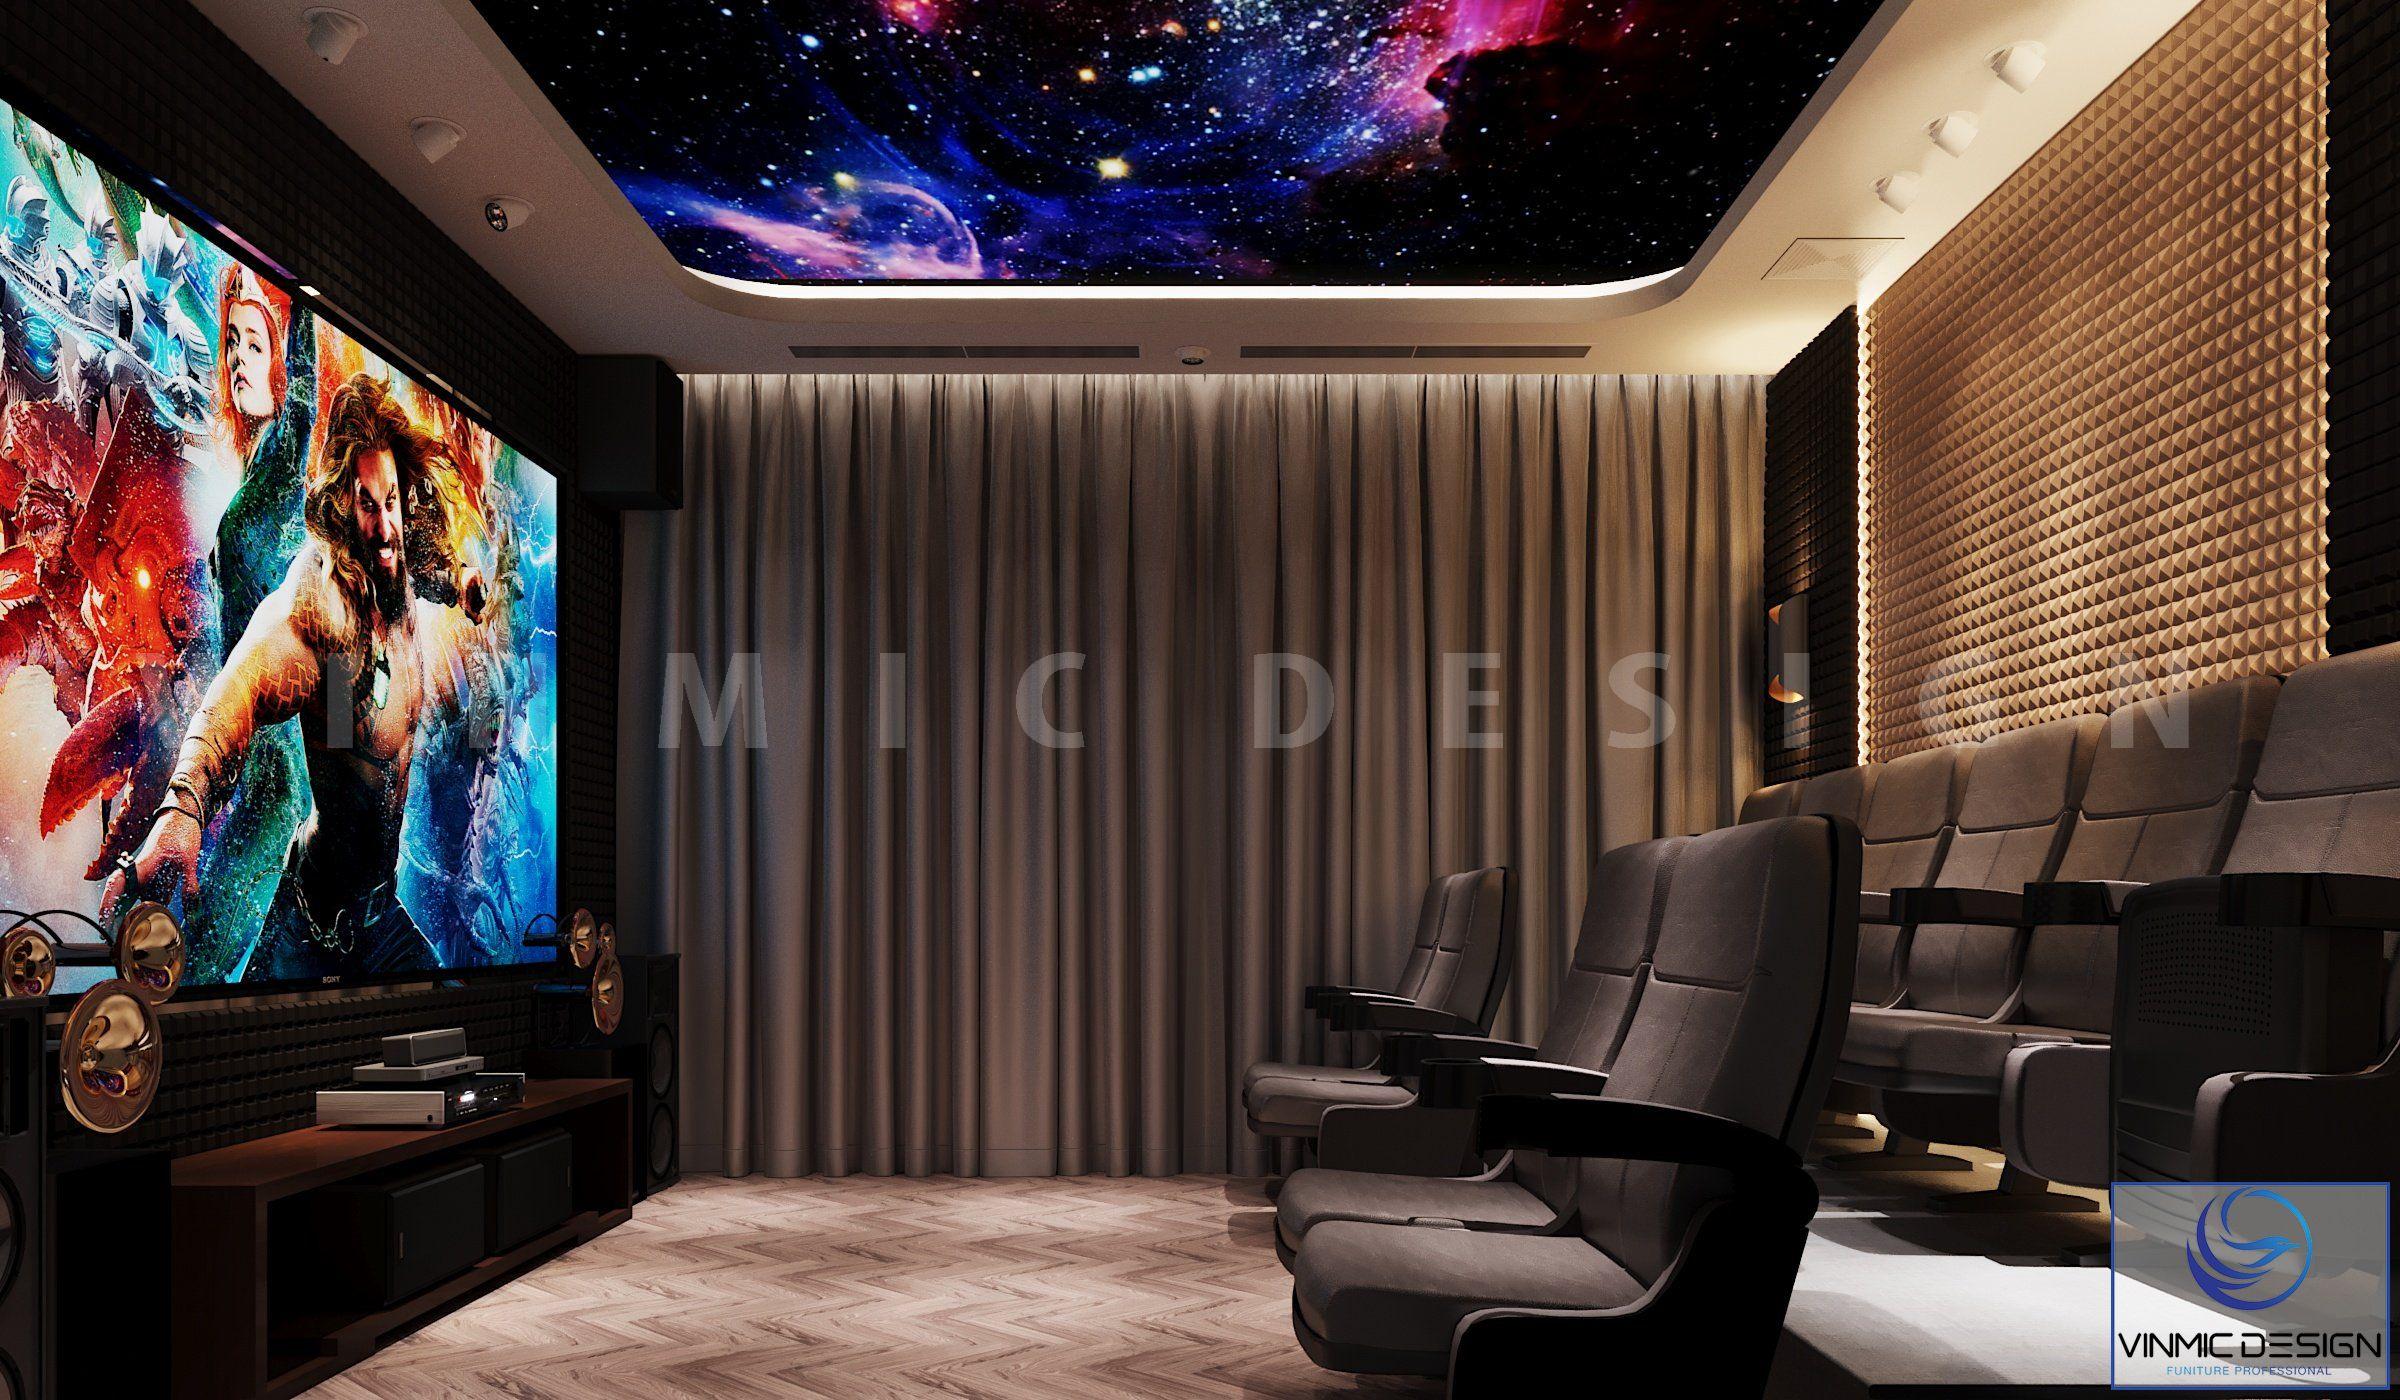 Thiết kế biệt thự đẹp có phòng chiếu phim tại nhà của căn biệt thự Vinhomes Imperia Hải Phòng